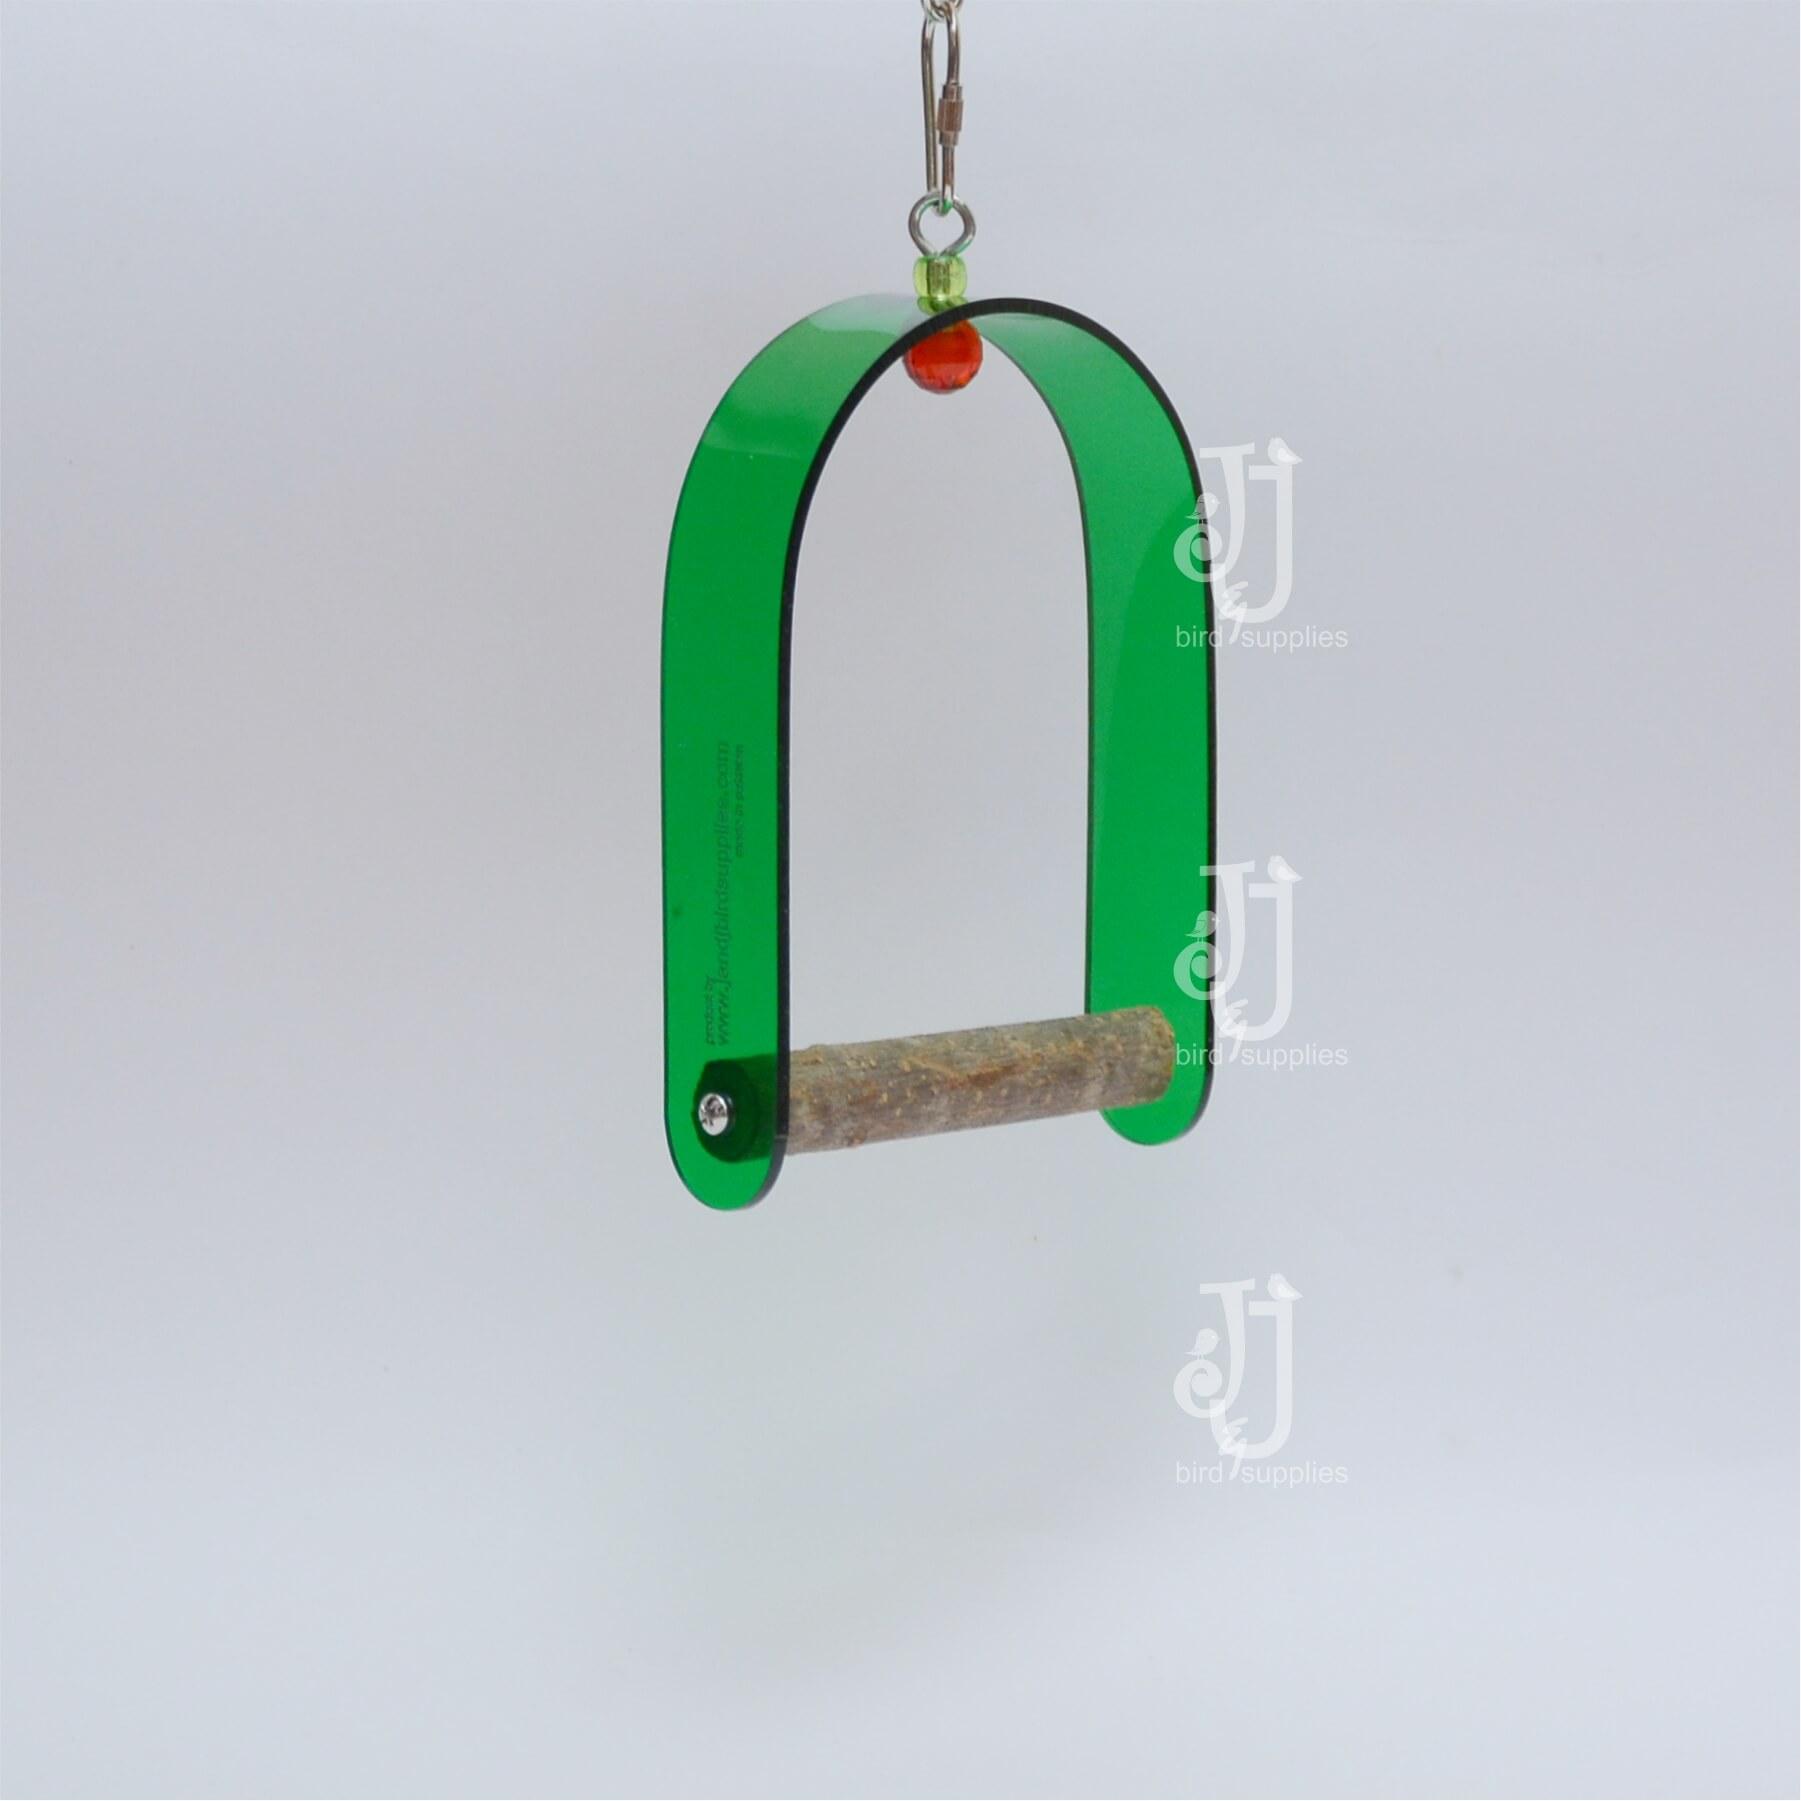 acrylic swing hang